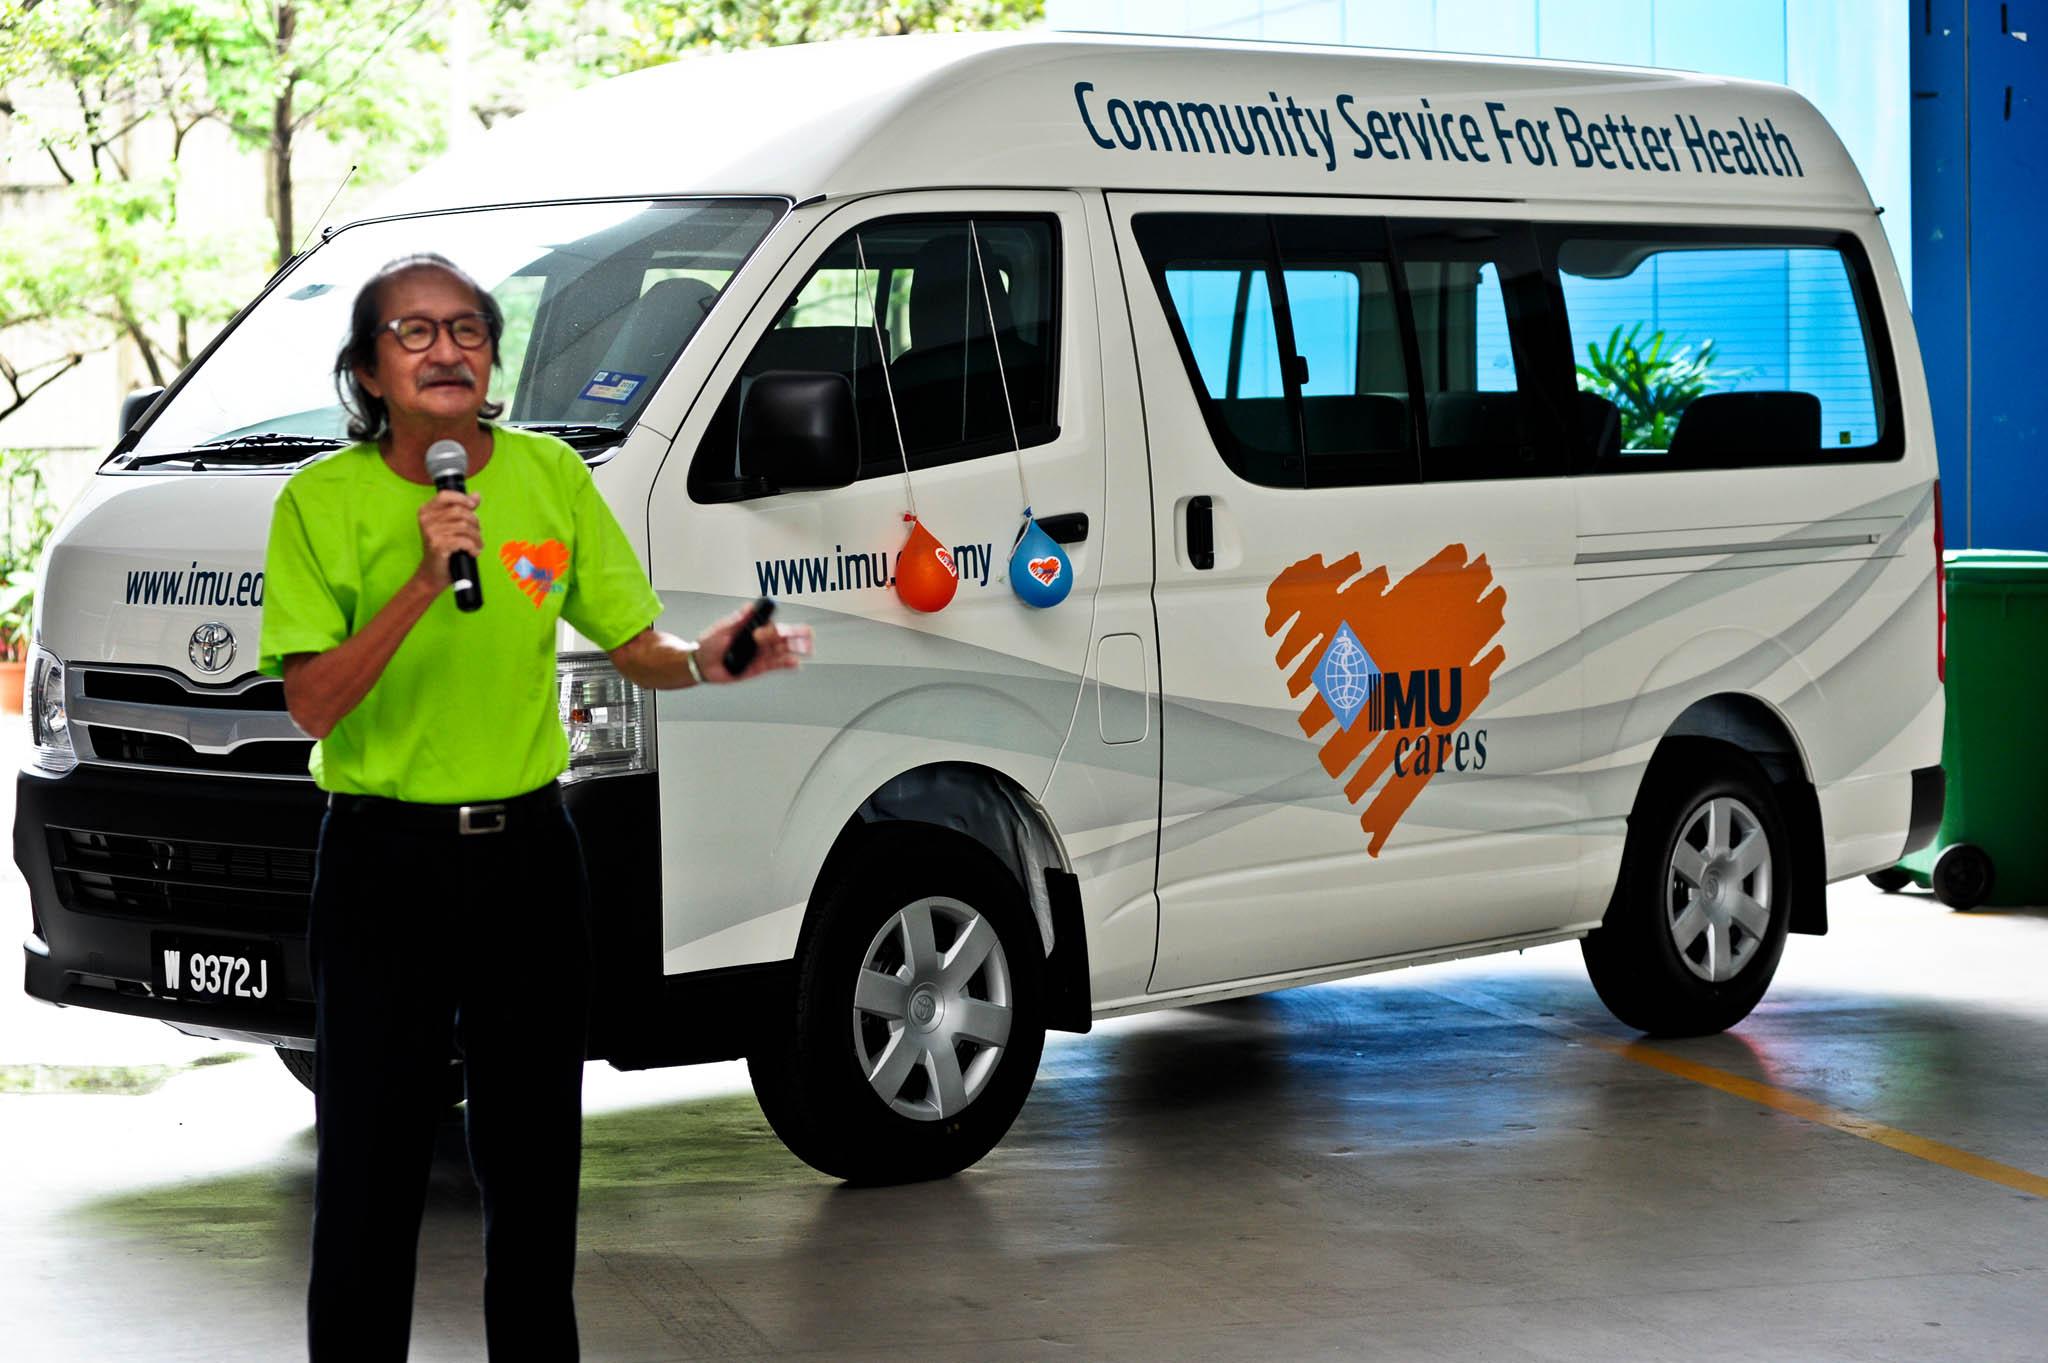 IMU Cares Van